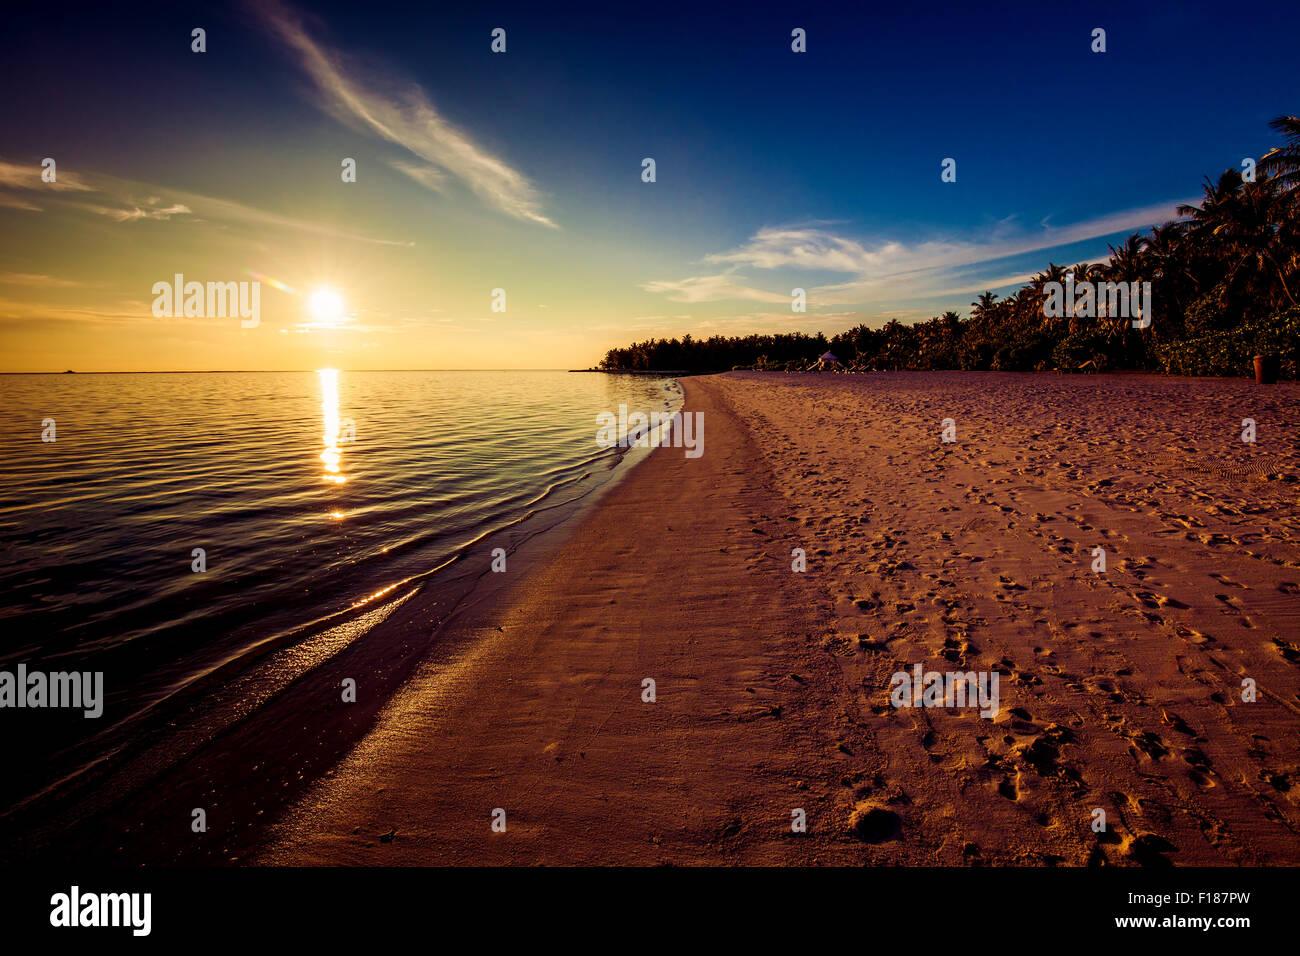 Fußabdrücke am tropischen Strand bei Sonnenuntergang mit Sonne über dem Ozean Stockbild